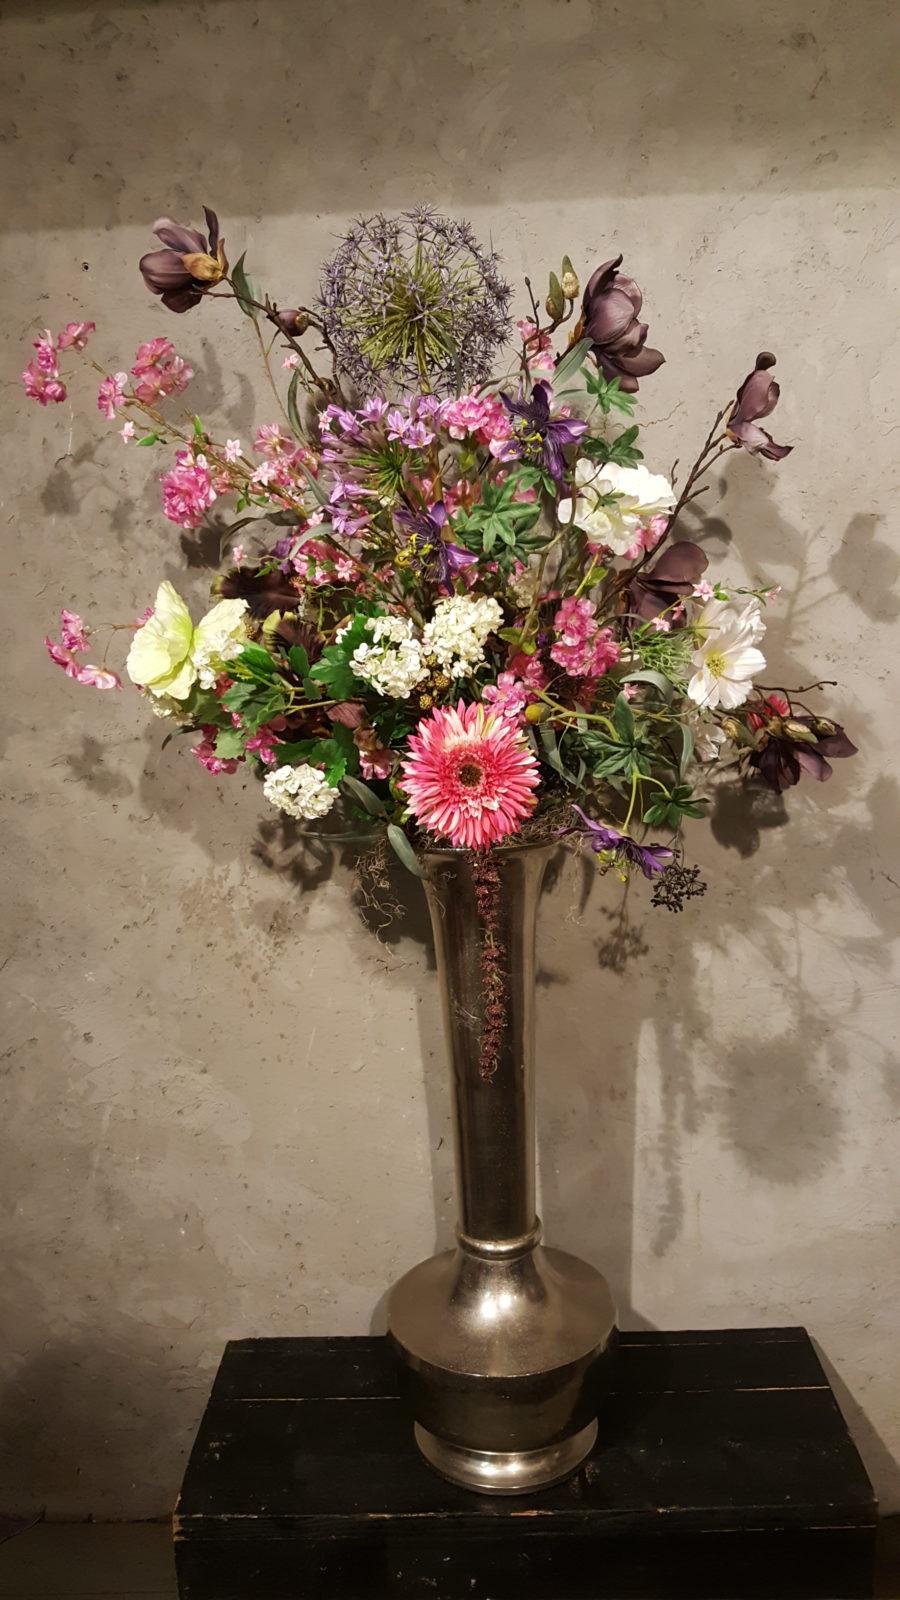 Onwijs Zilverenvaas met wild boeket van zijden bloemen - Trendy Bloemen MK-19